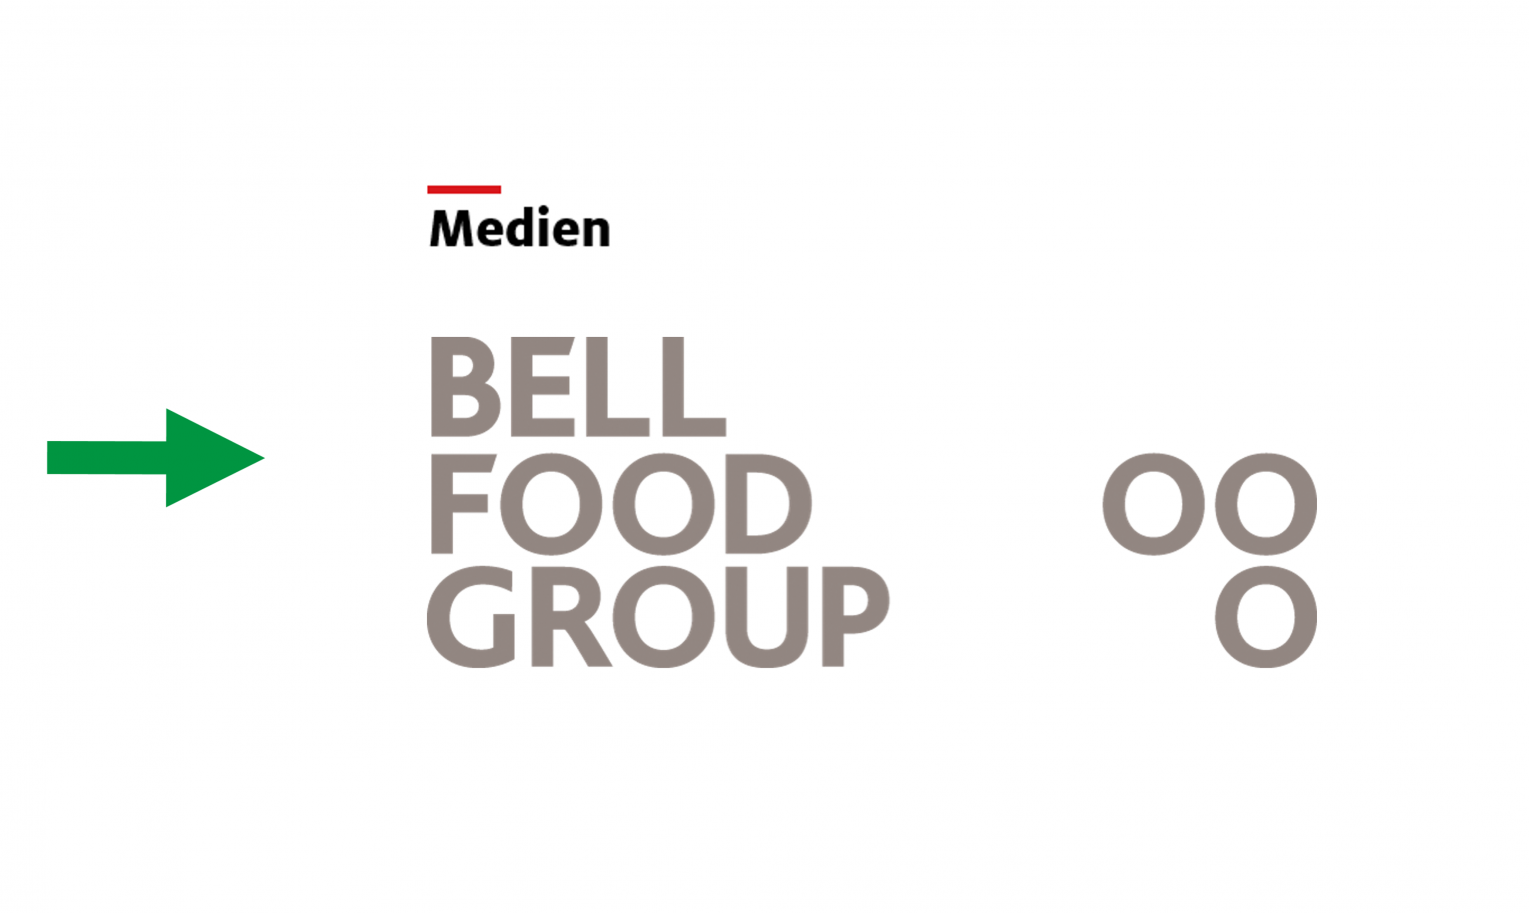 Medien Bell Food Group